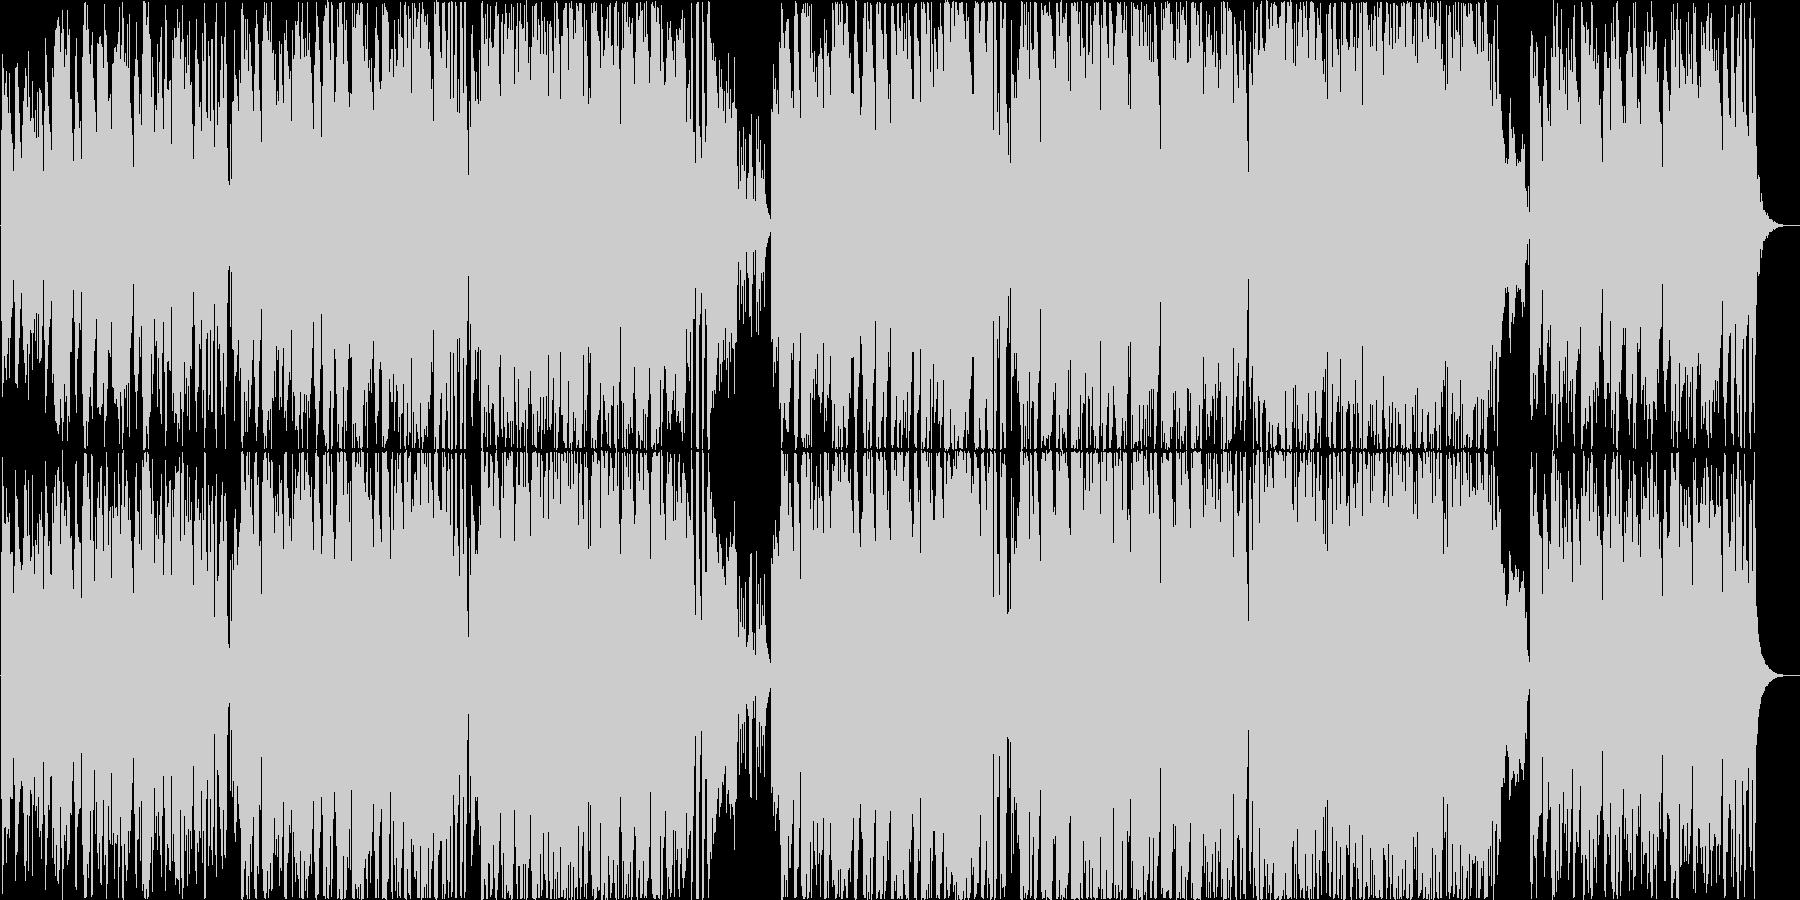 落ち着いた雰囲気のサックスのボサノヴァの未再生の波形